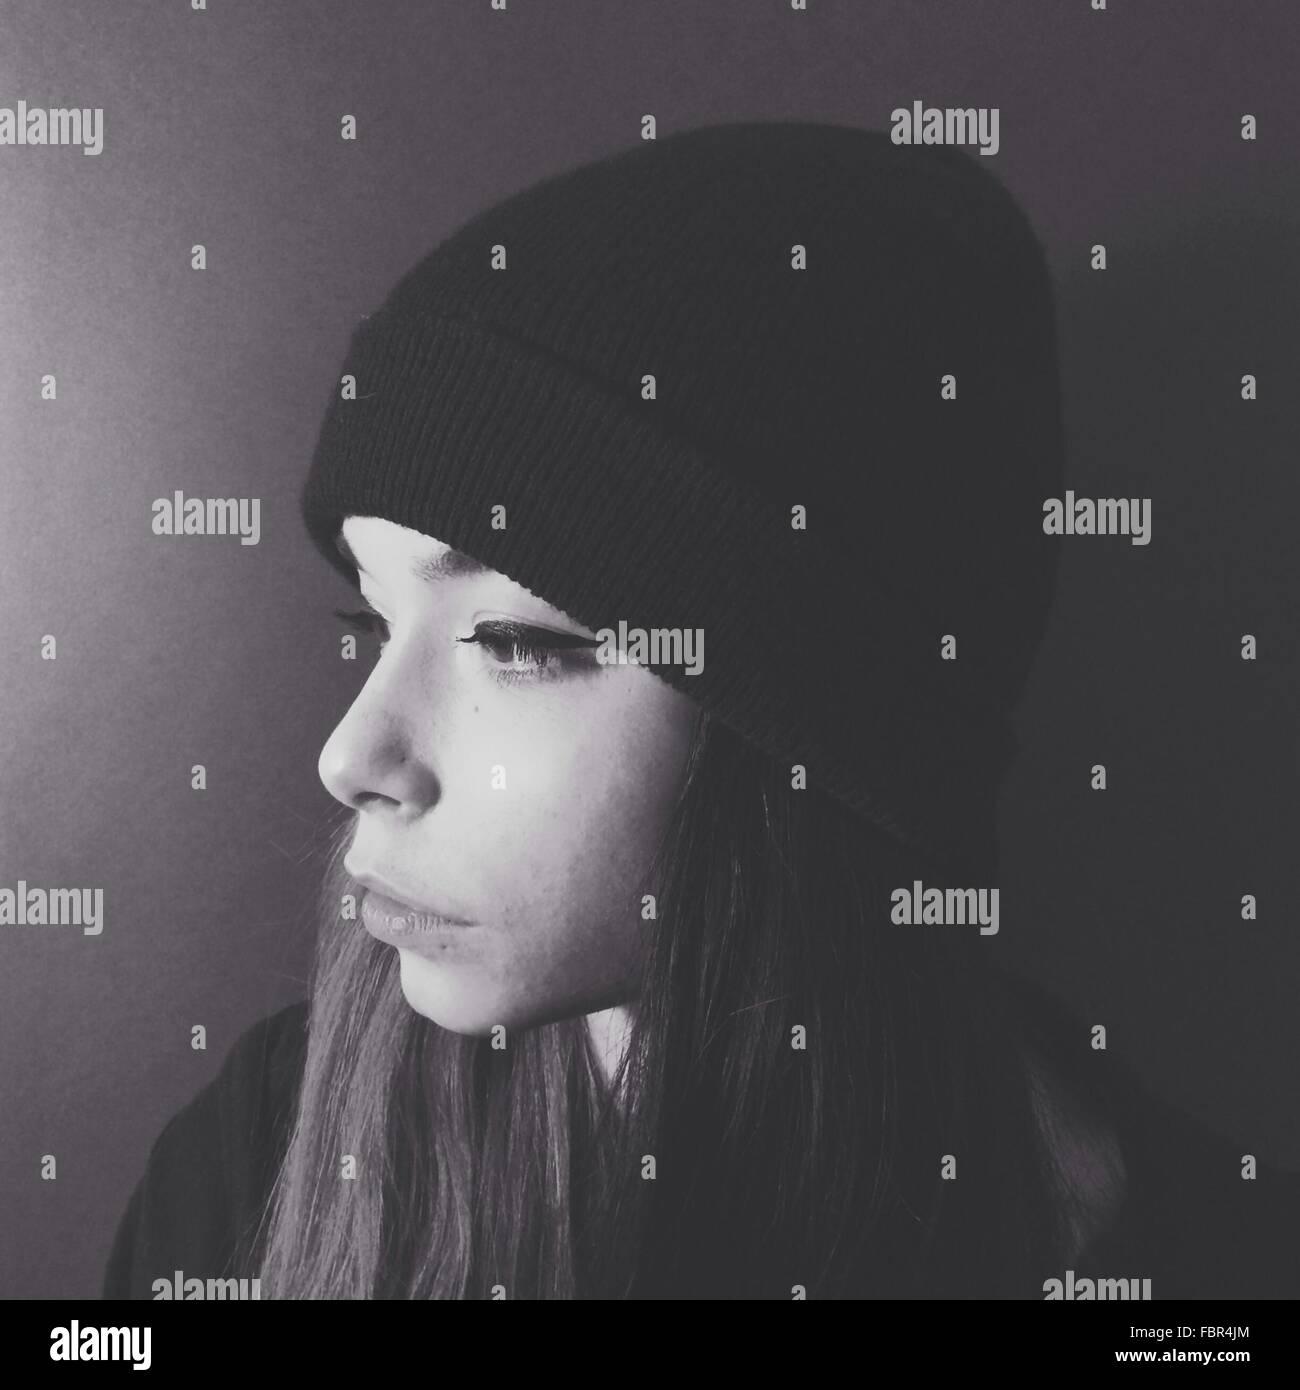 Nahaufnahme eines junge nachdenkliche Frau über Plain-Hintergrund Stockbild